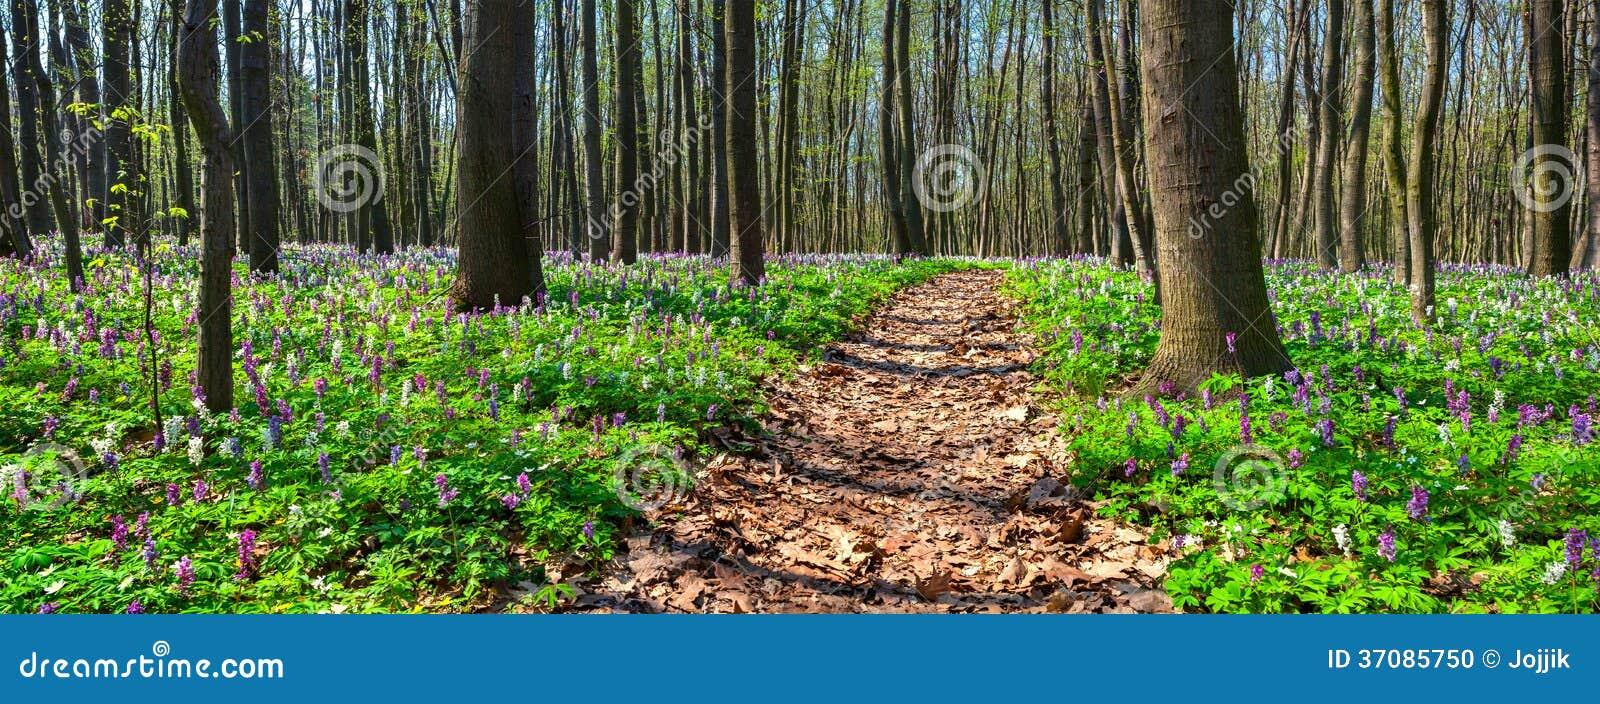 Download Panorama wiosna las. zdjęcie stock. Obraz złożonej z naturalny - 37085750